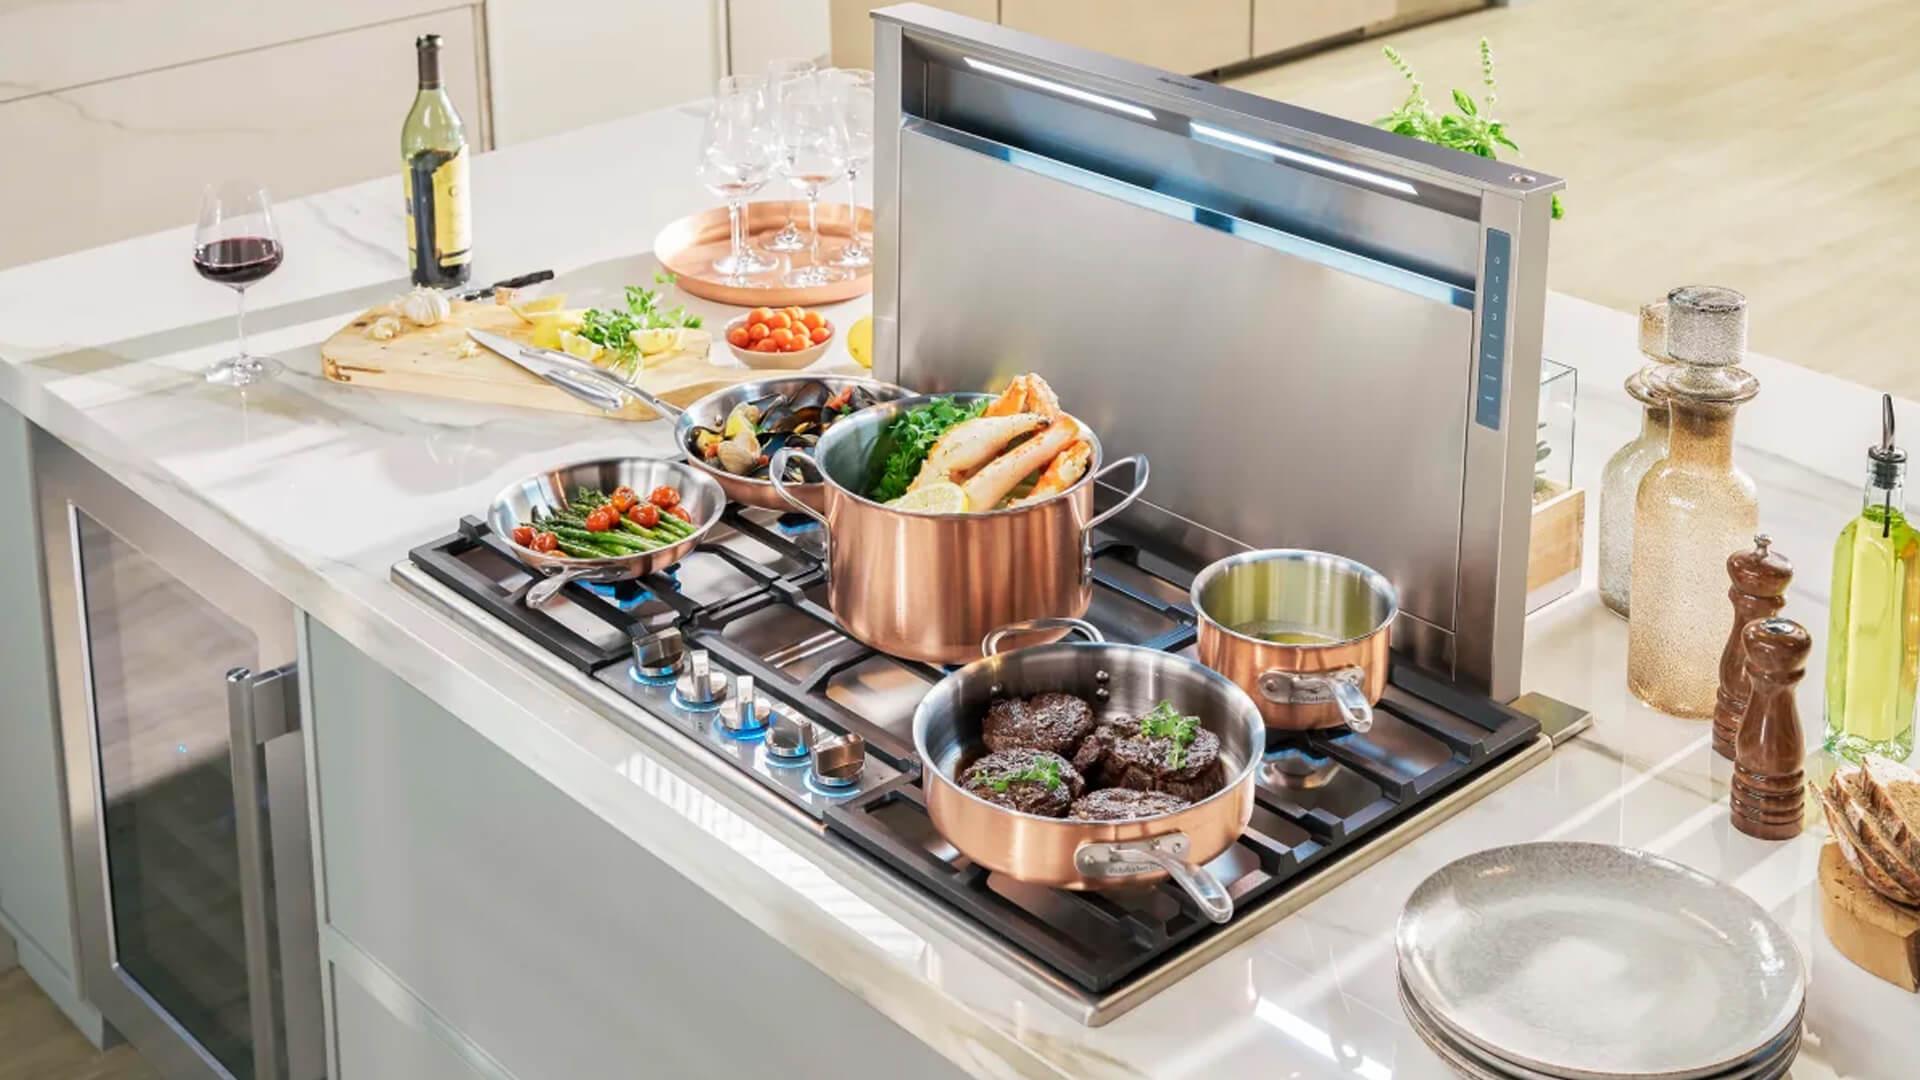 Thermador Gas Cooktop Repair Service | Thermador Appliance Repair Pros